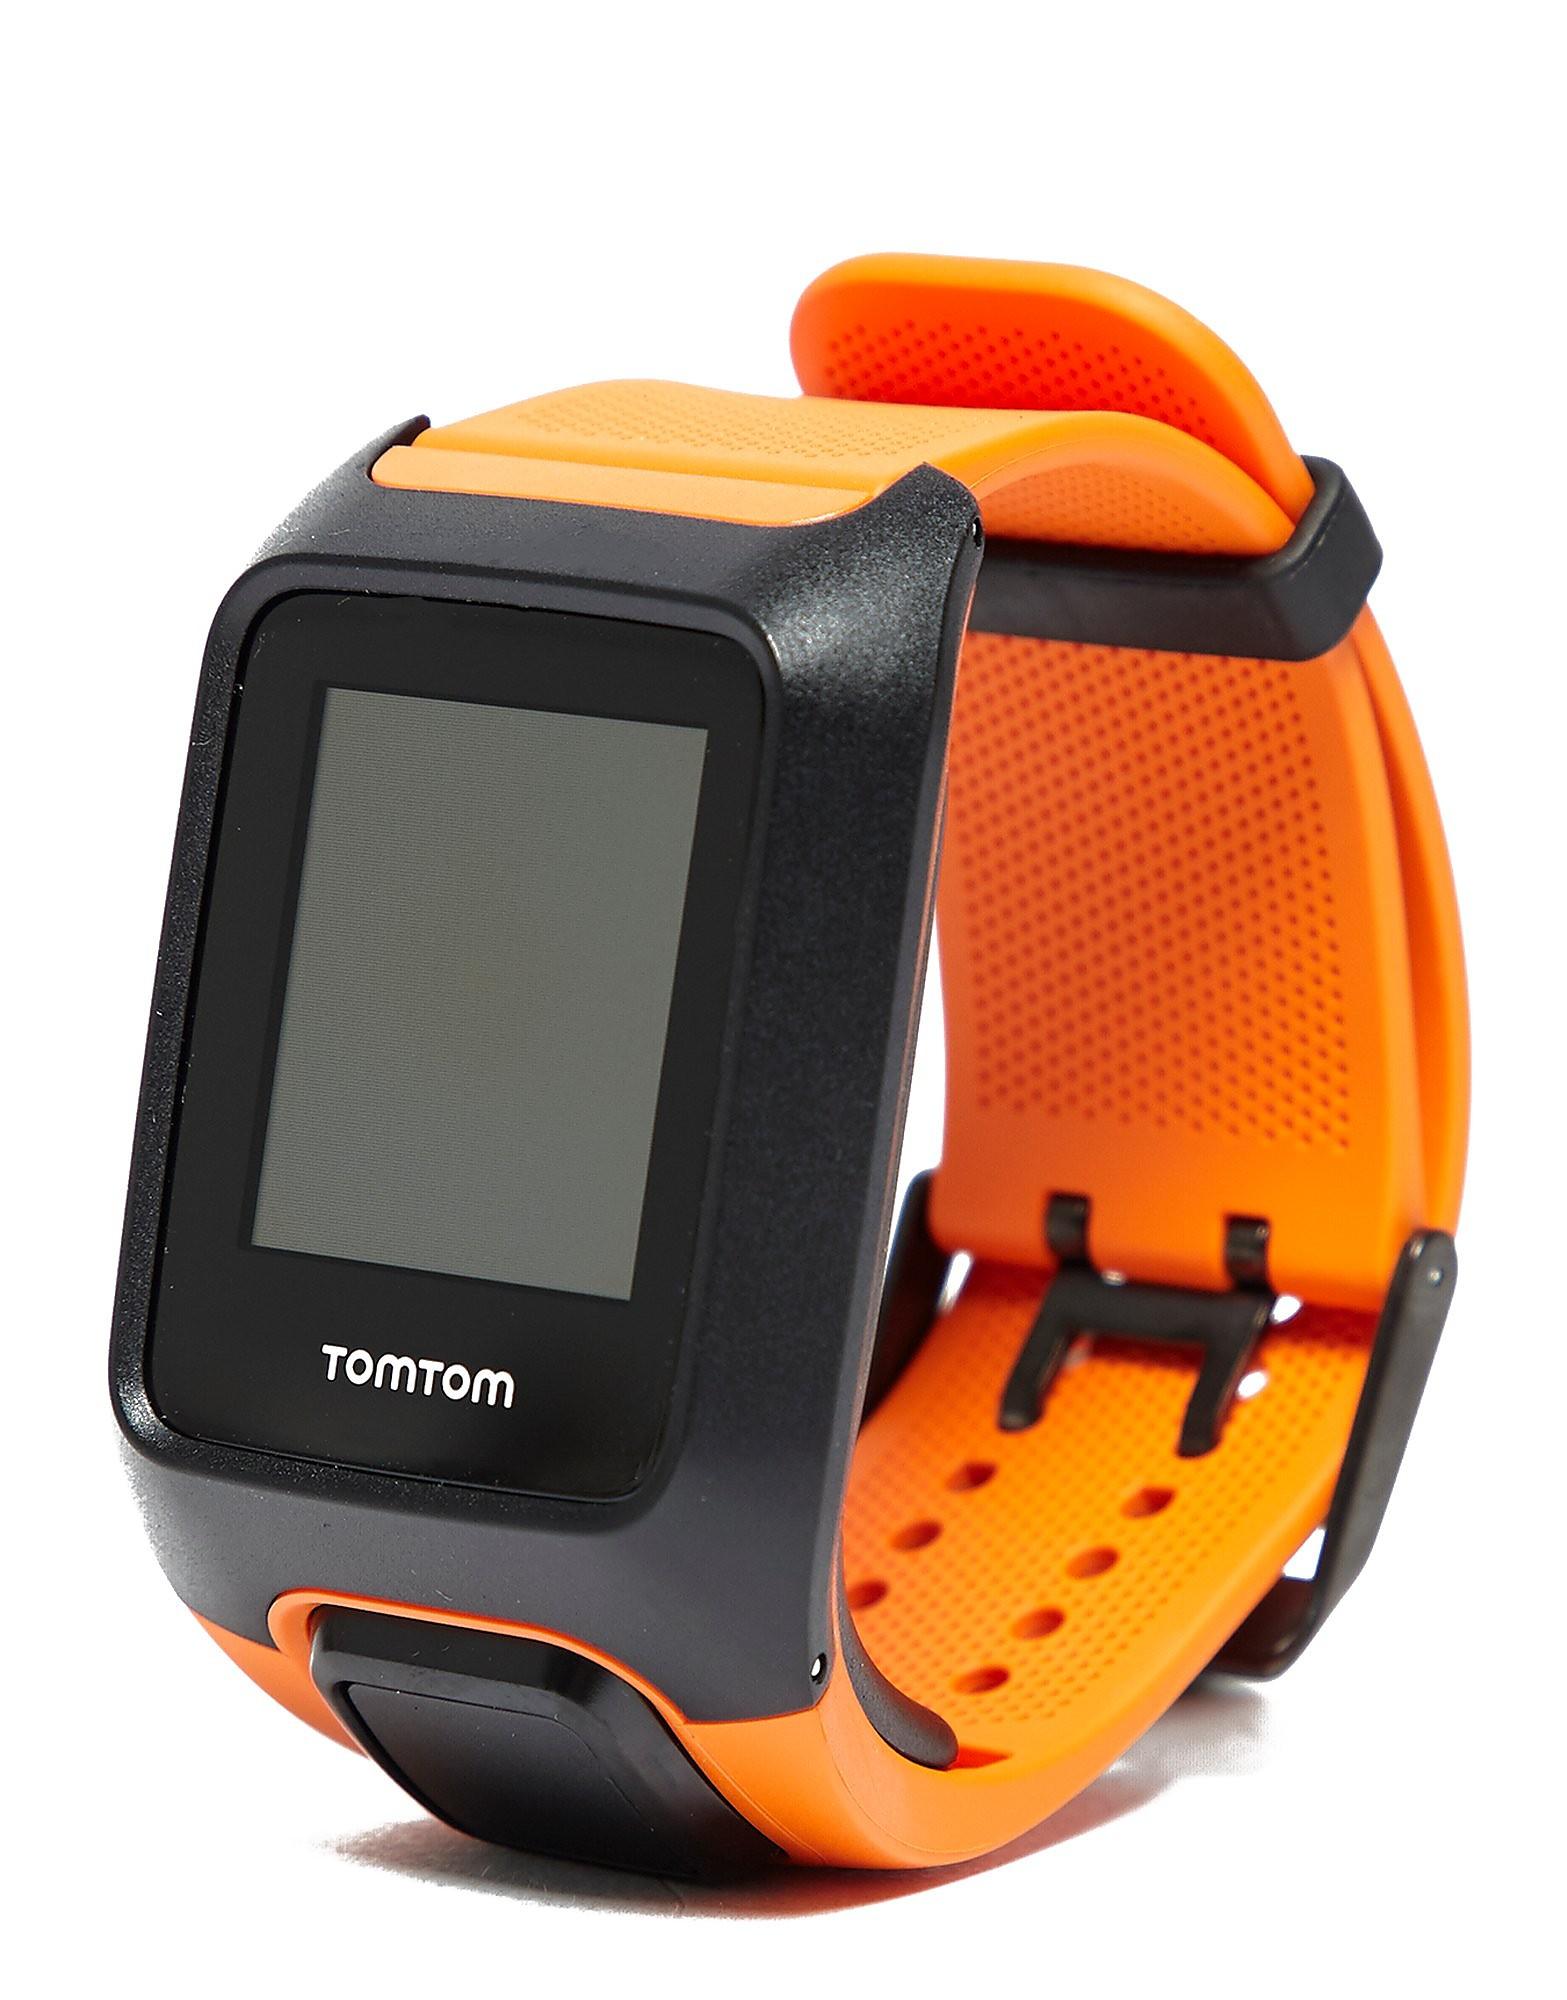 Tom Tom Adventurer GPS Outdoor Watch